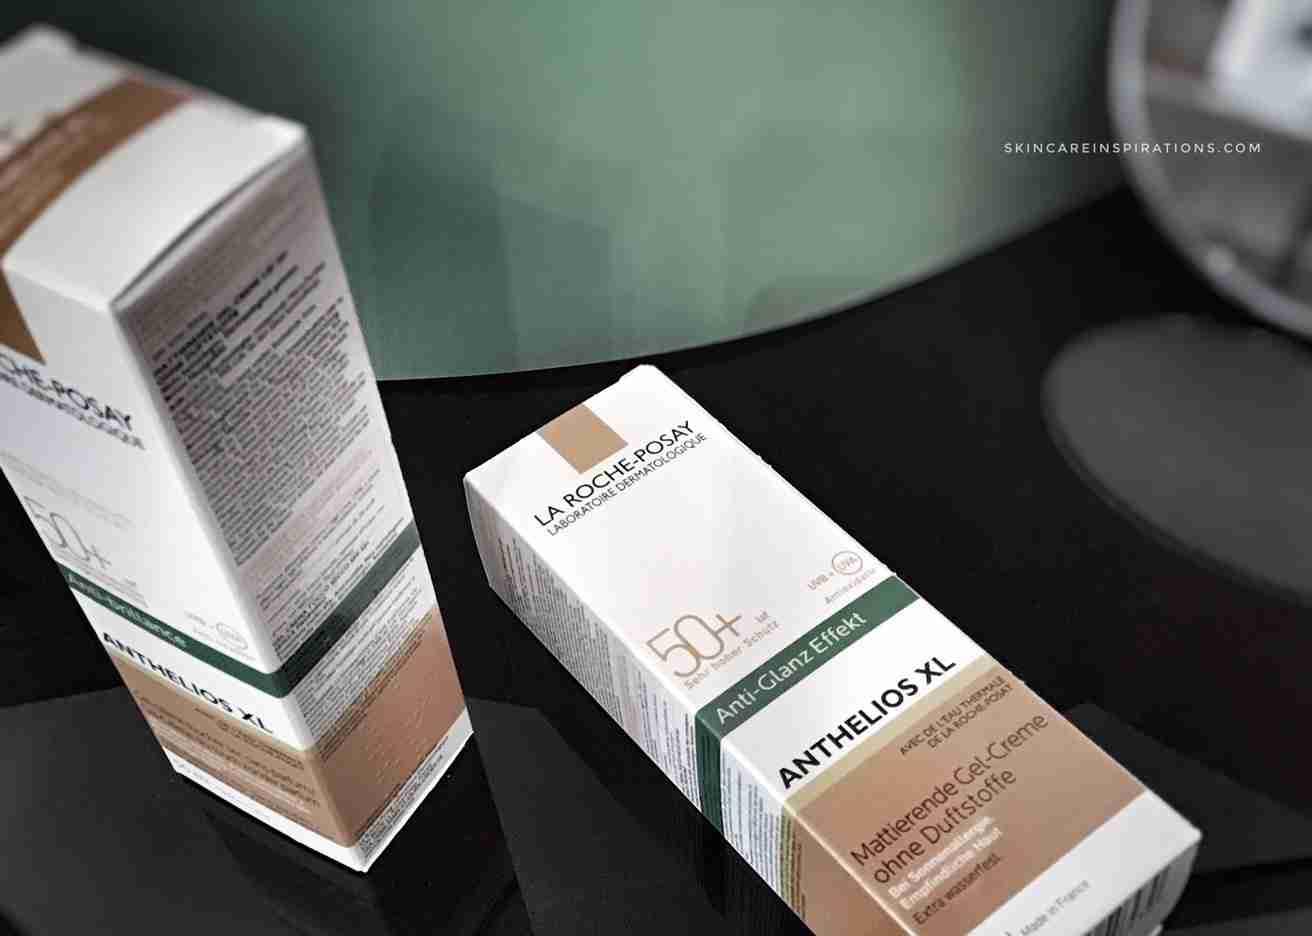 La Roche Posay Anthelios Sonnenschutz Mattierende Gel Cream Sonnencreme